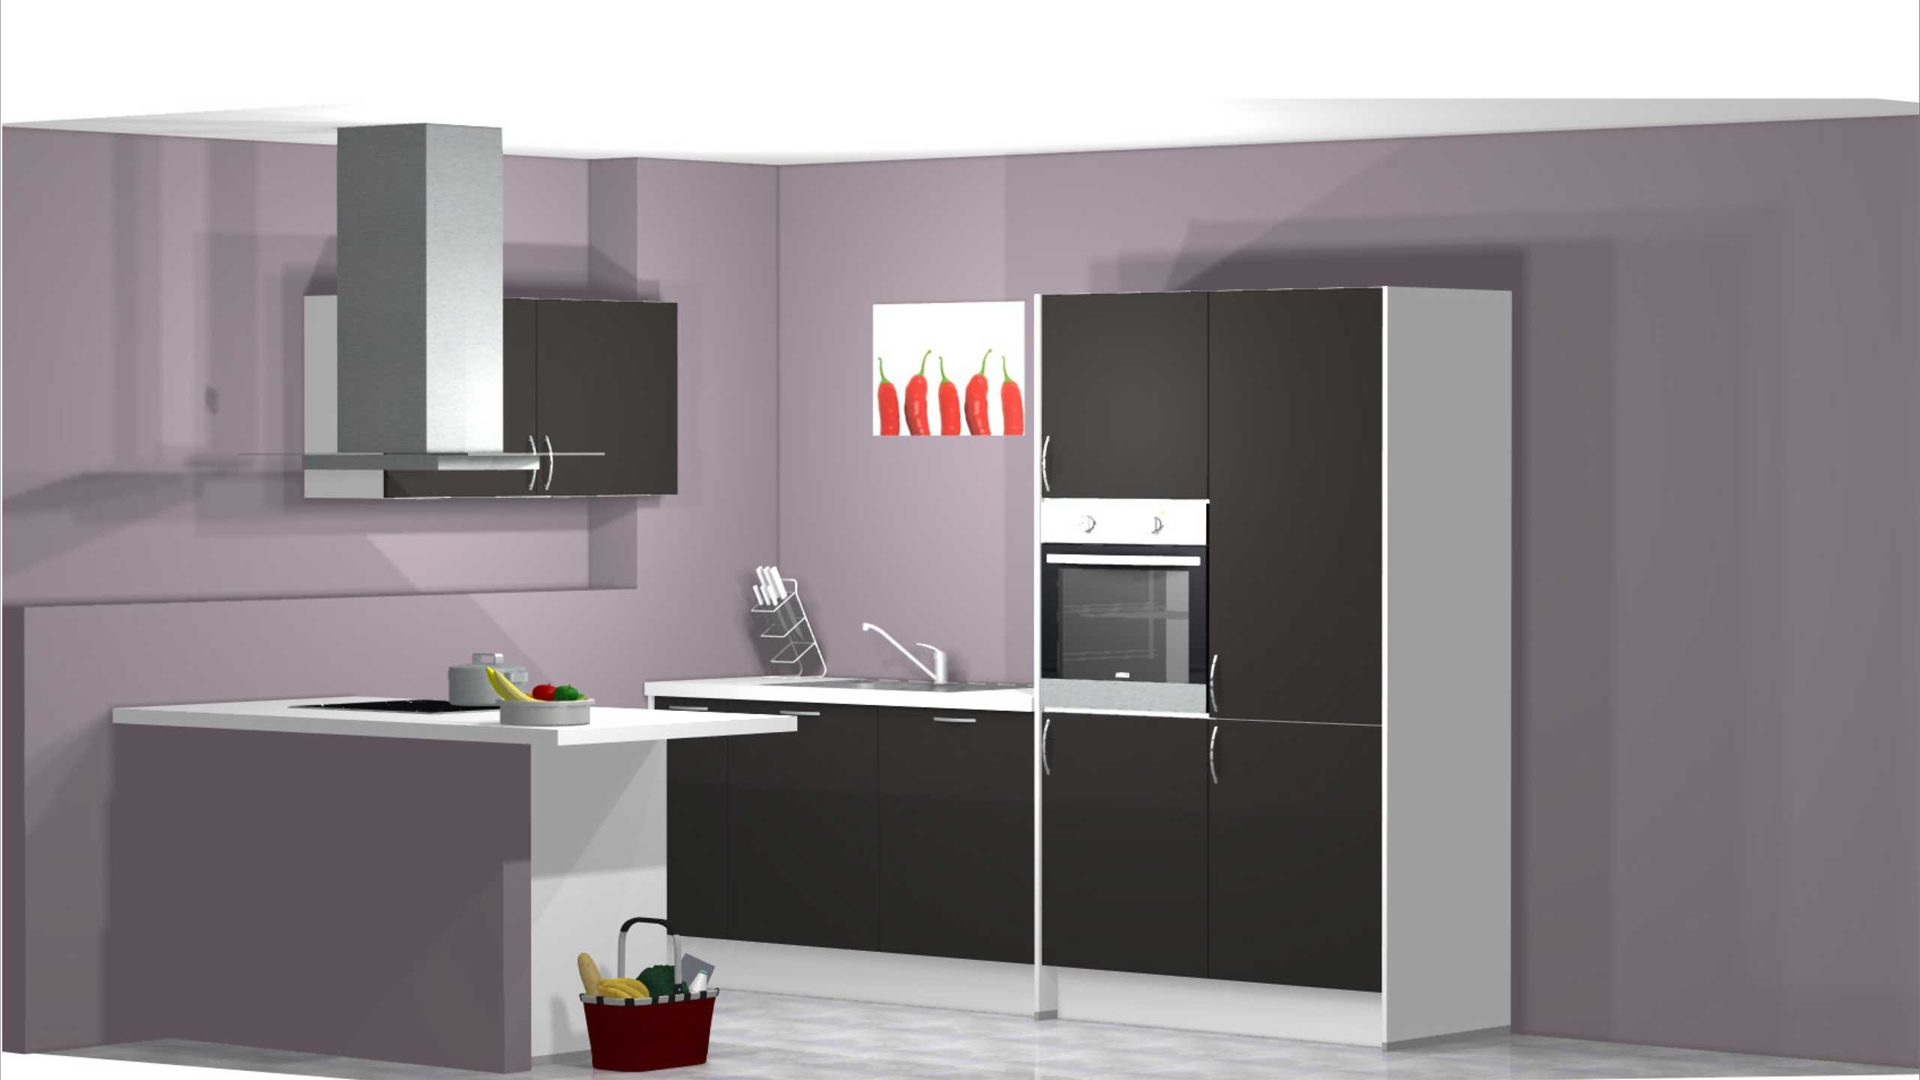 Moderne offene PINO Küche zum kleinen Preis, PINO Einbauküche Küche PN 15  inkl. E-Geräte. Front, Korpus Graphit - Weiss